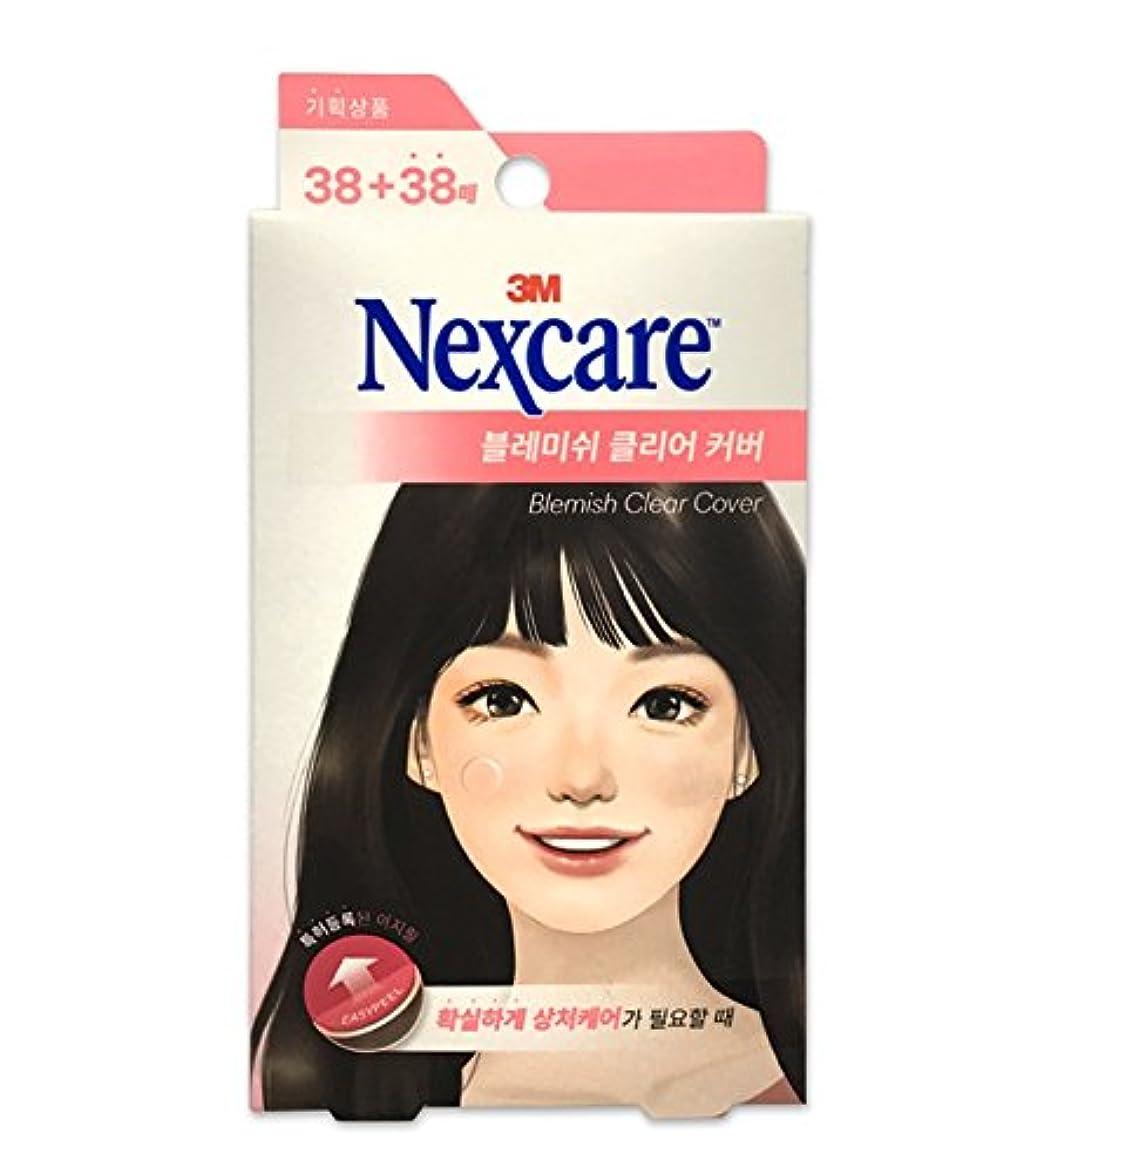 開発かんたん発送3M Nexcare Blemish Clear Cover Easy Peel 38+38 Patches/3M ネクスケア ブレミッシュ クリア カバー イージー ピール 38+38パッチ入り [並行輸入品]